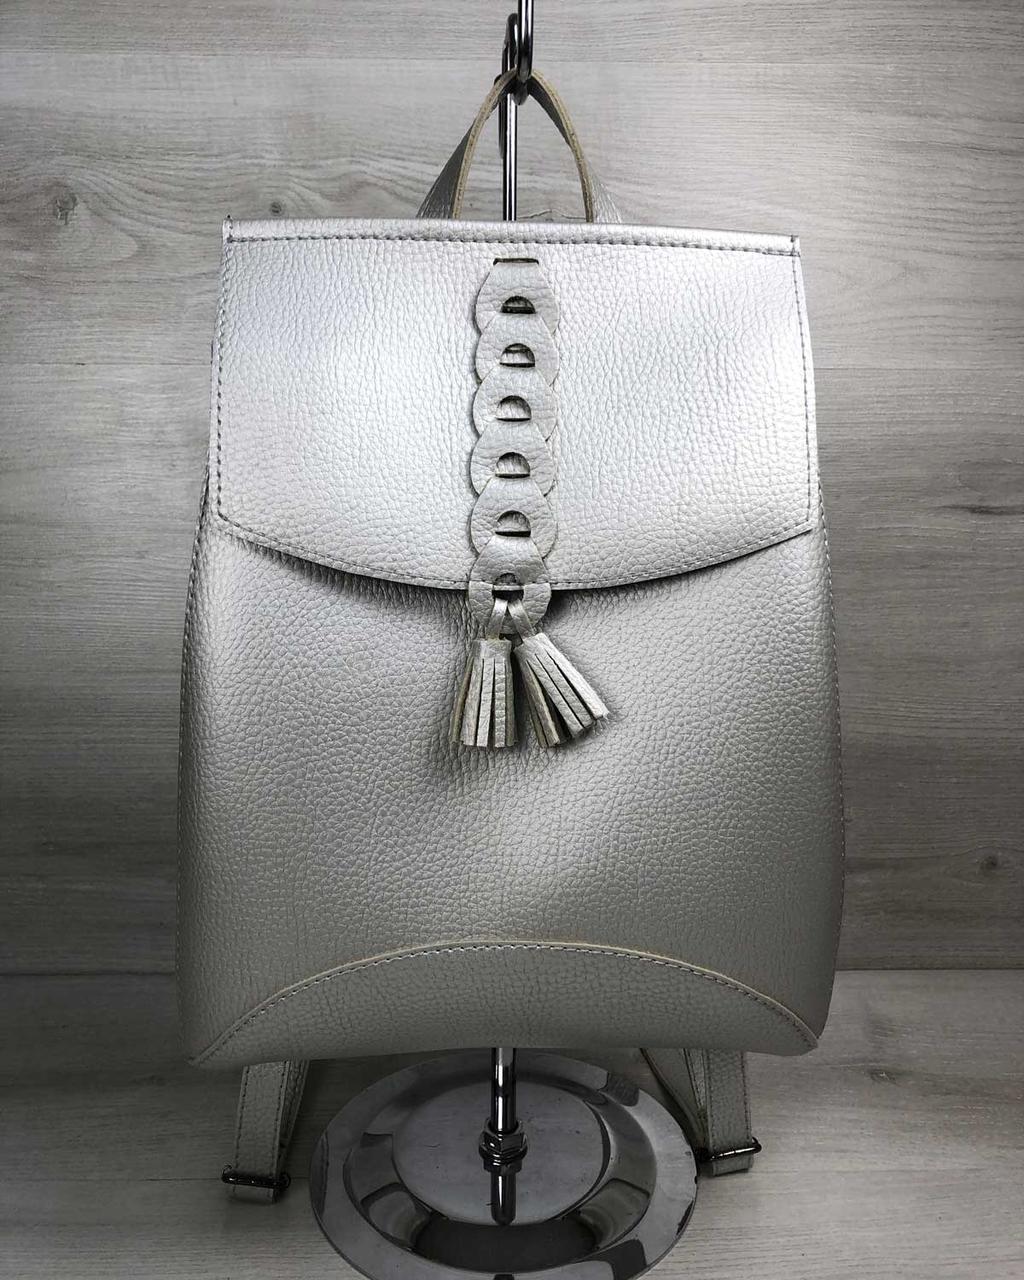 Женский сумка-рюкзак с косичкой серебряного цвета